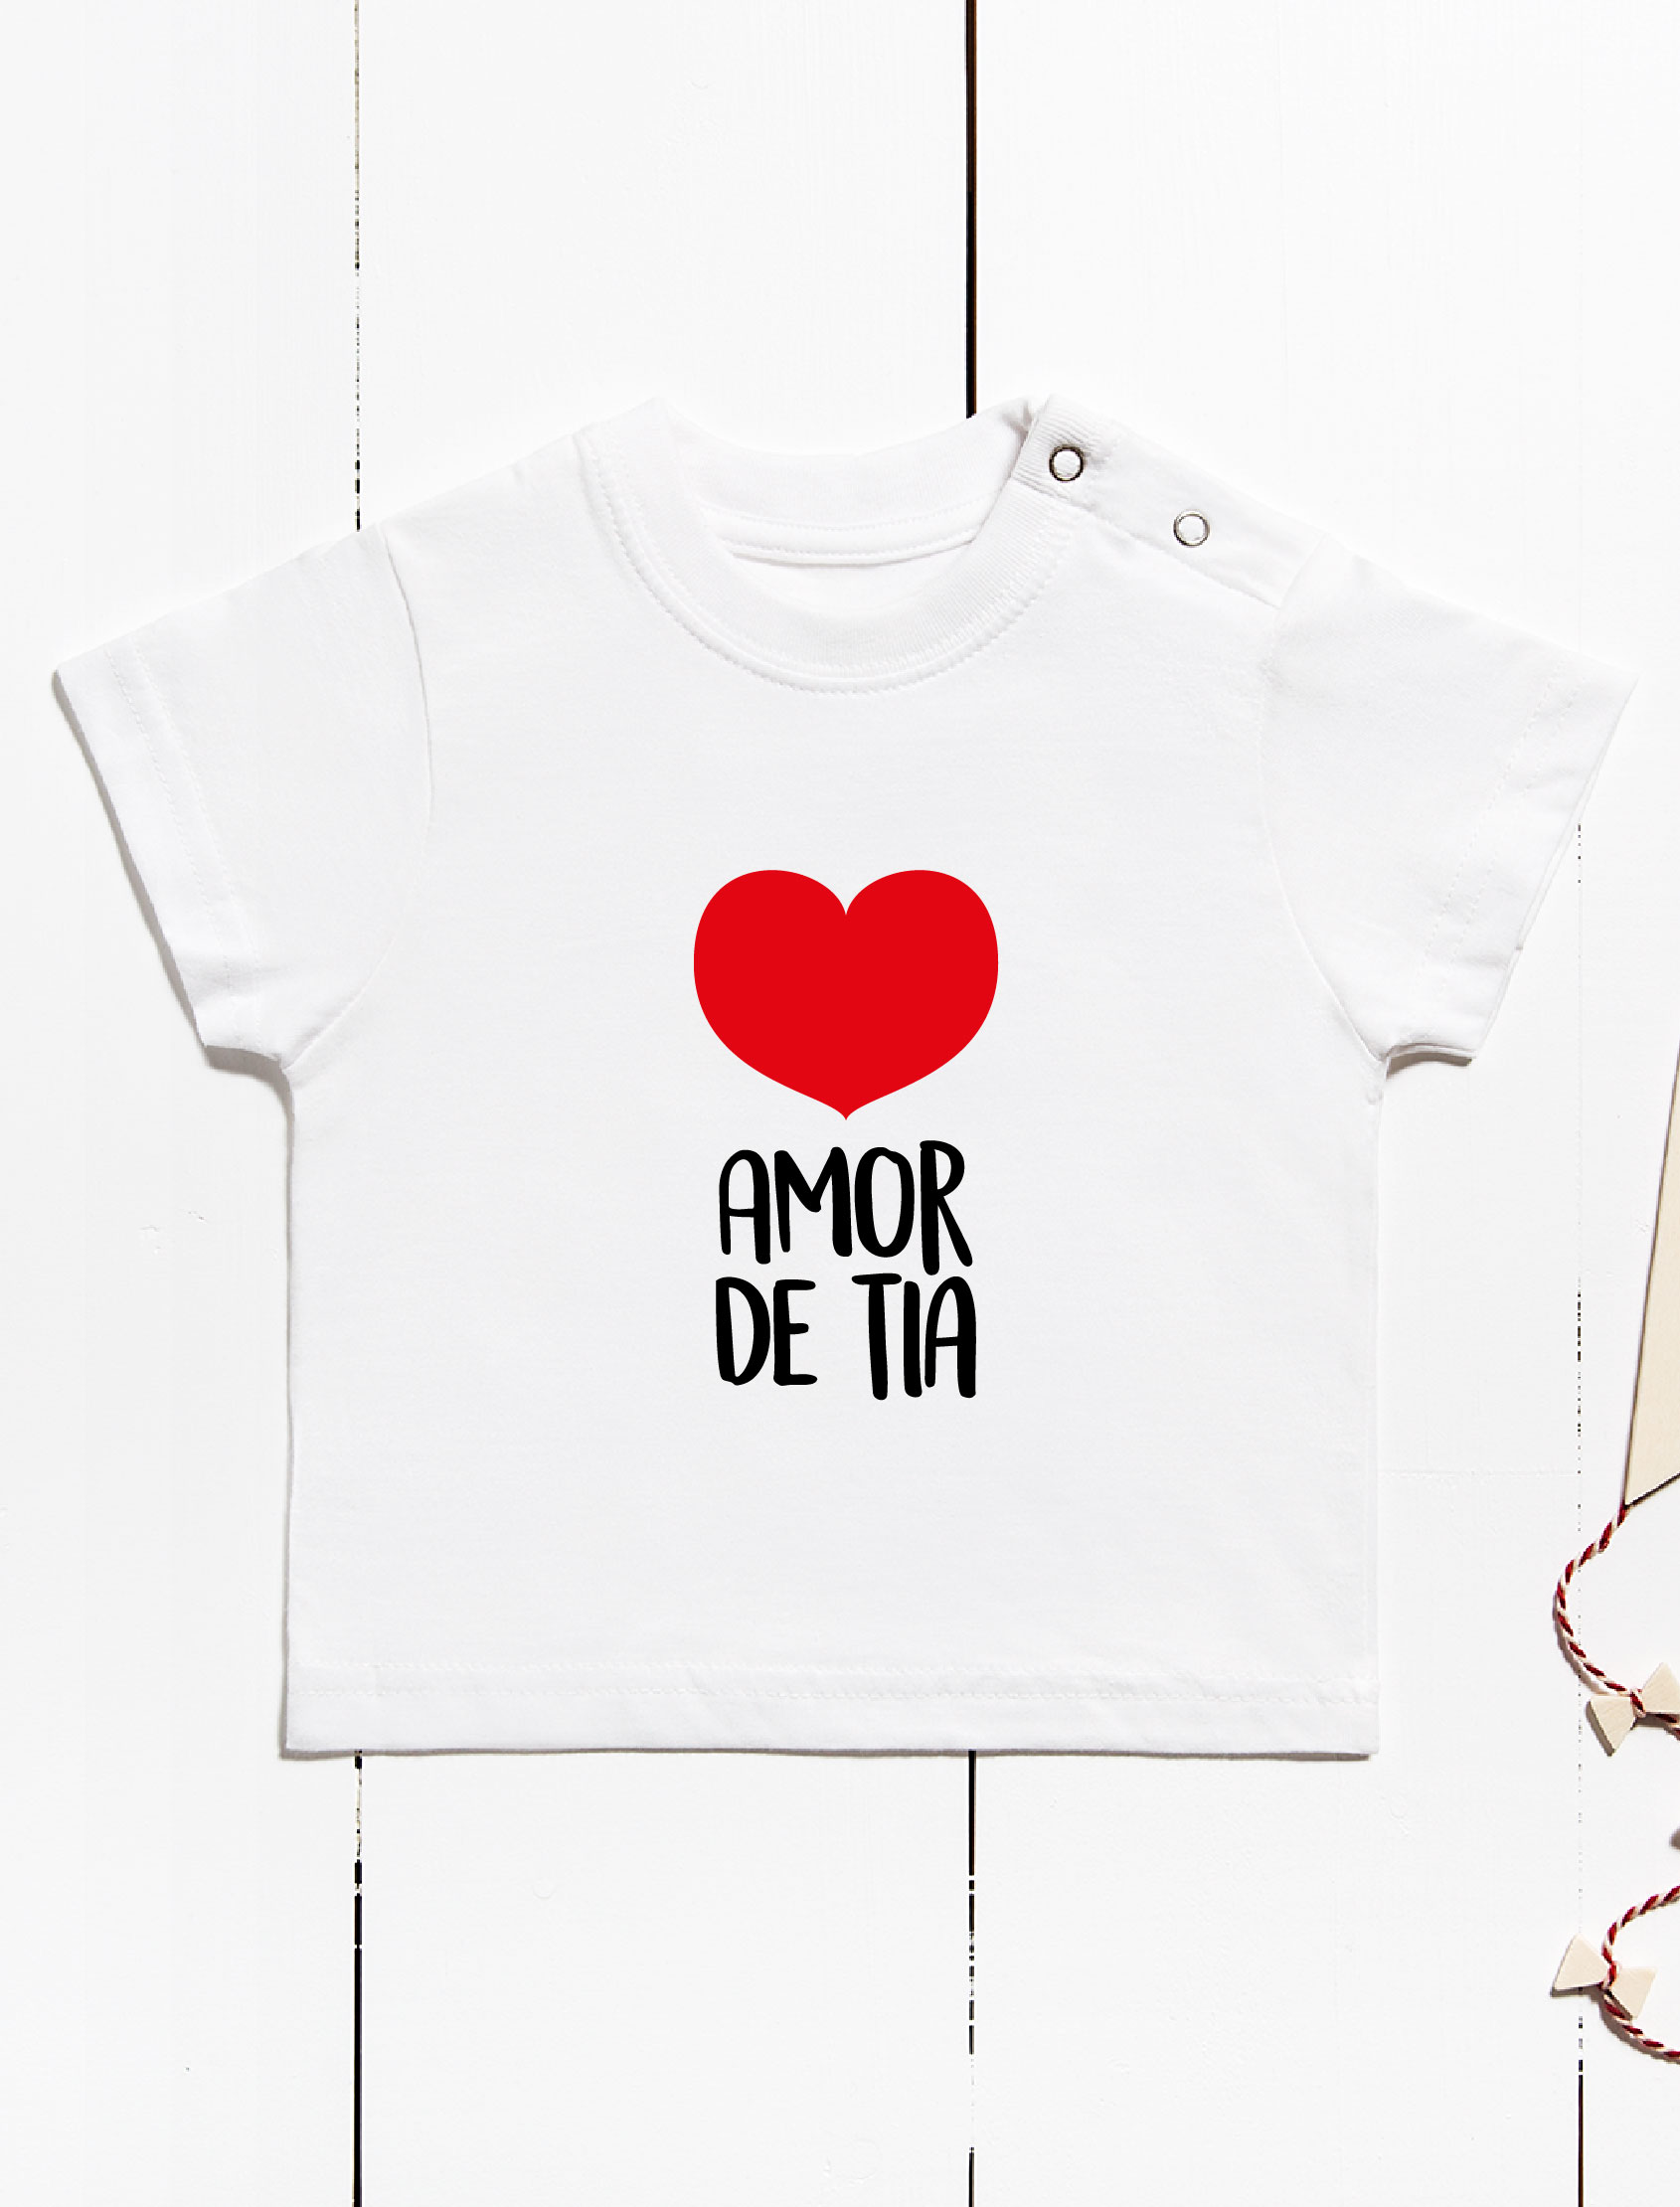 camiseta mc para bebés con manga corta y cierre de corchetes en hombro. Color blanco con mensaje amor de tia y corazón